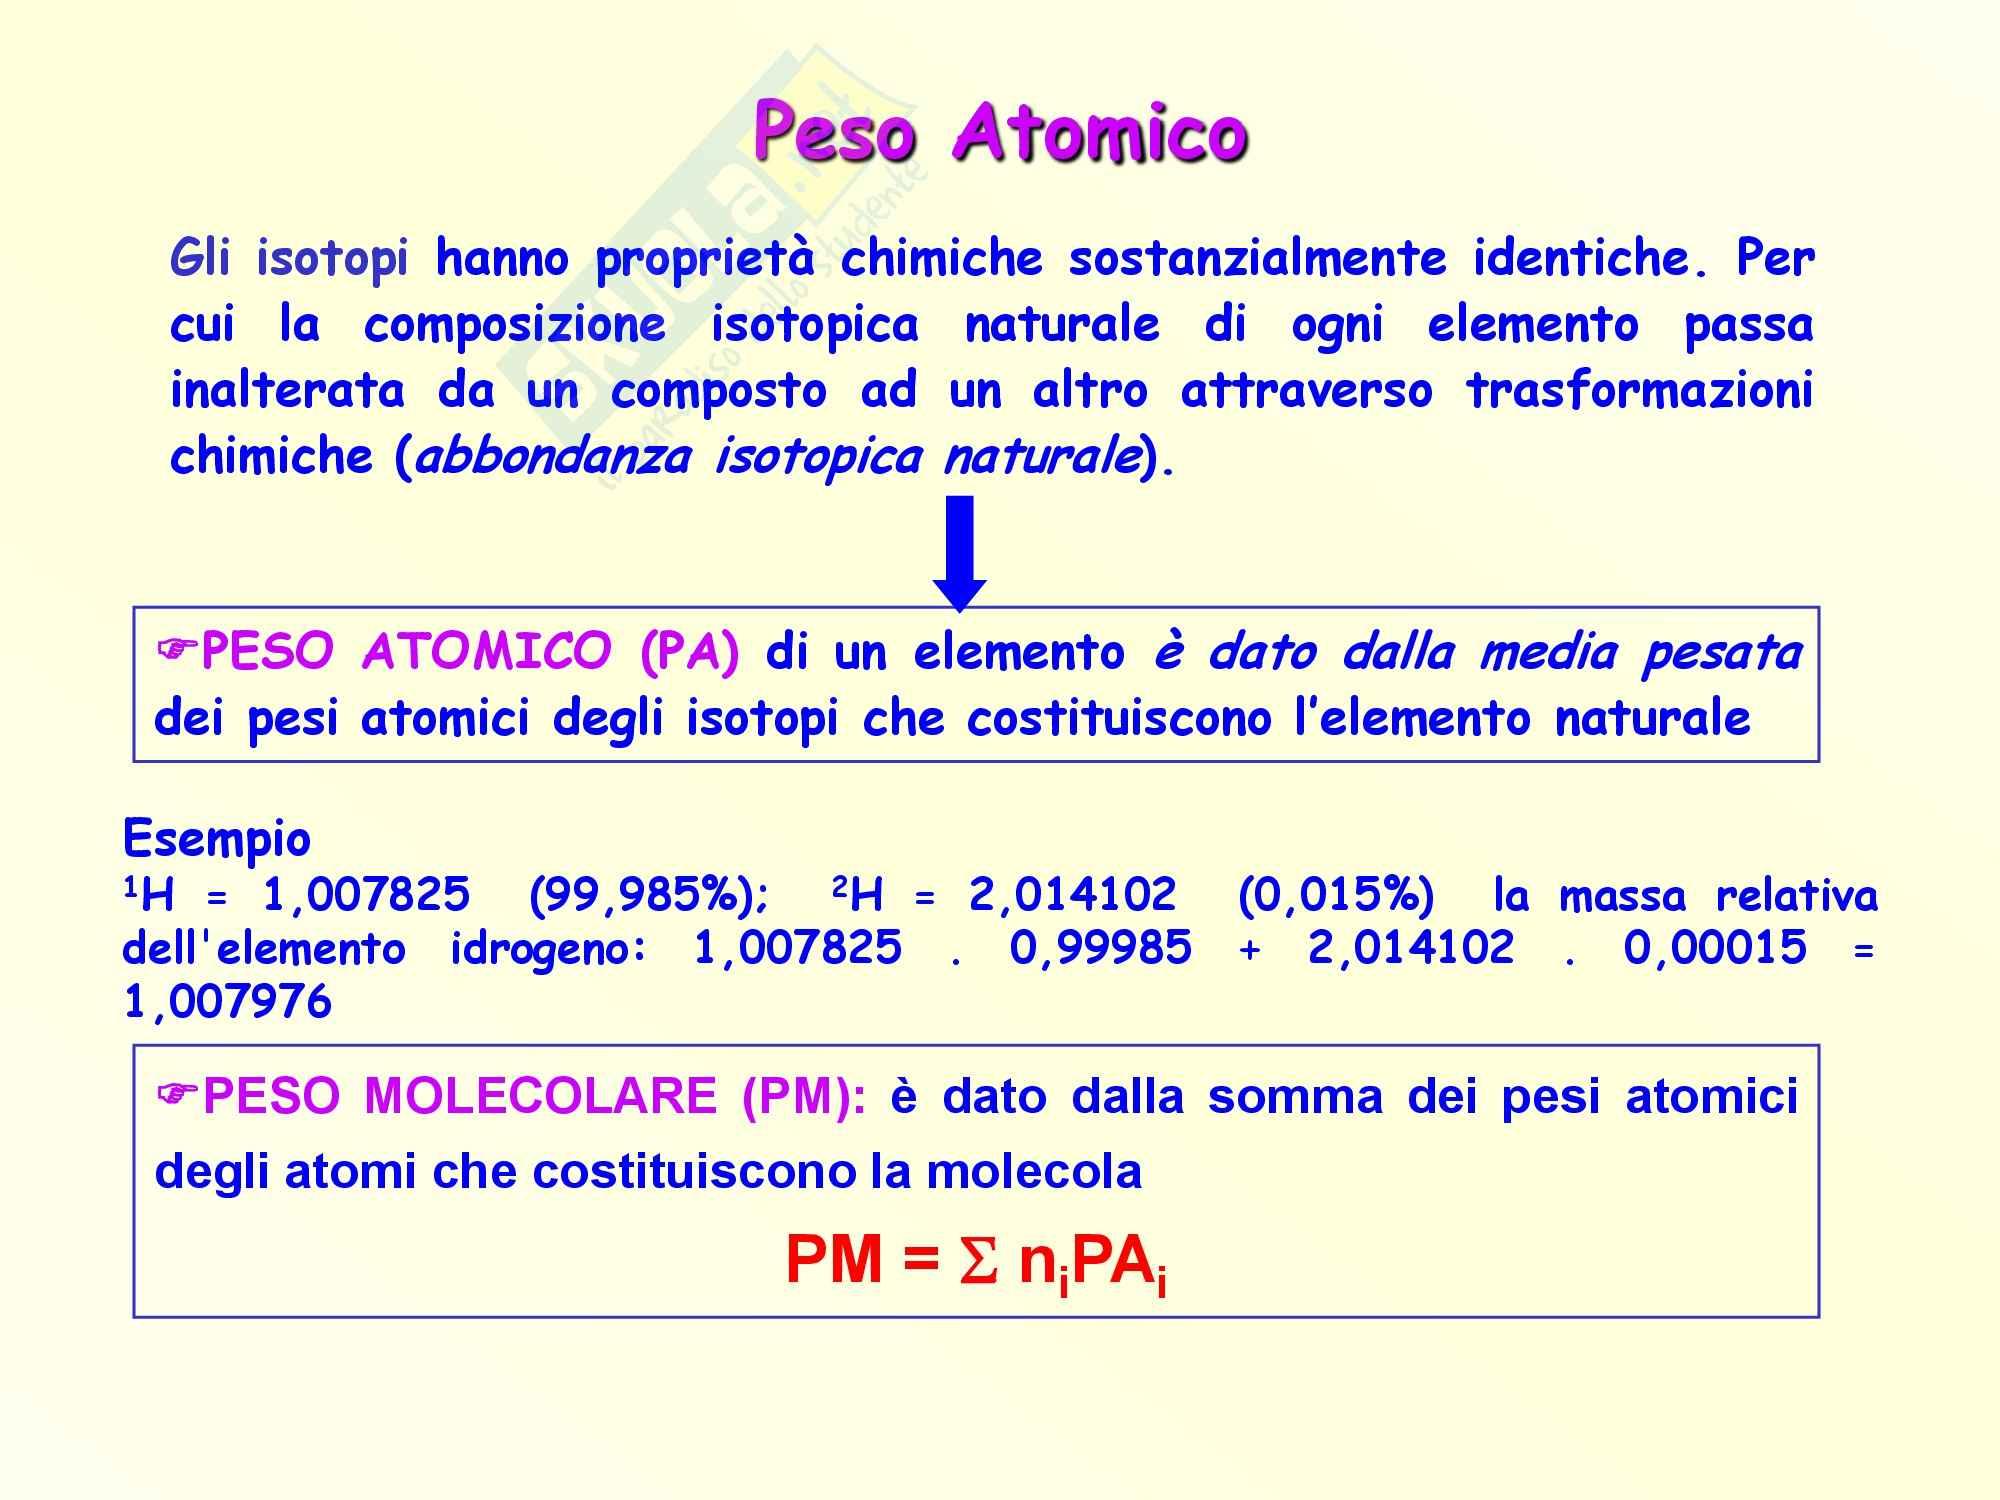 Chimica inorganica - il peso atomico